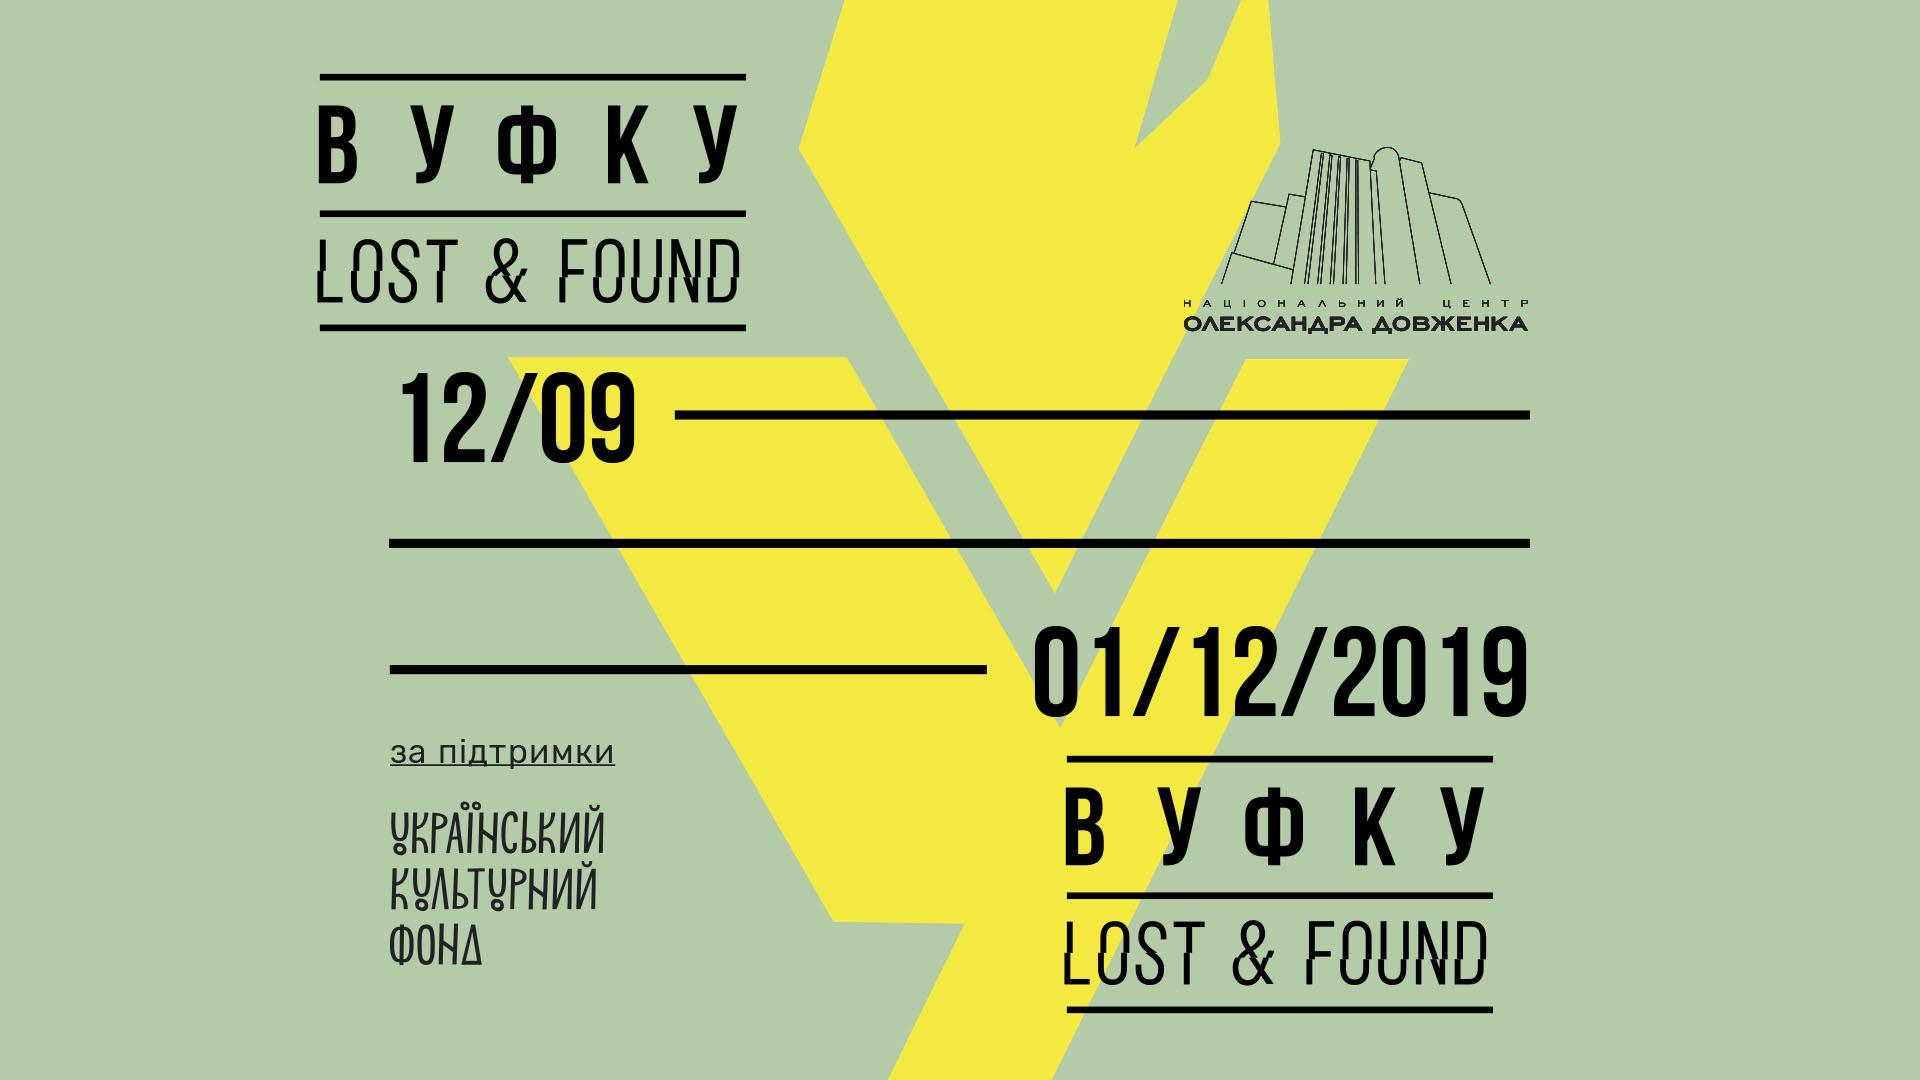 Щось цікаве: Довженко-Центр відкриває «Музей Кіно»-Фото 1